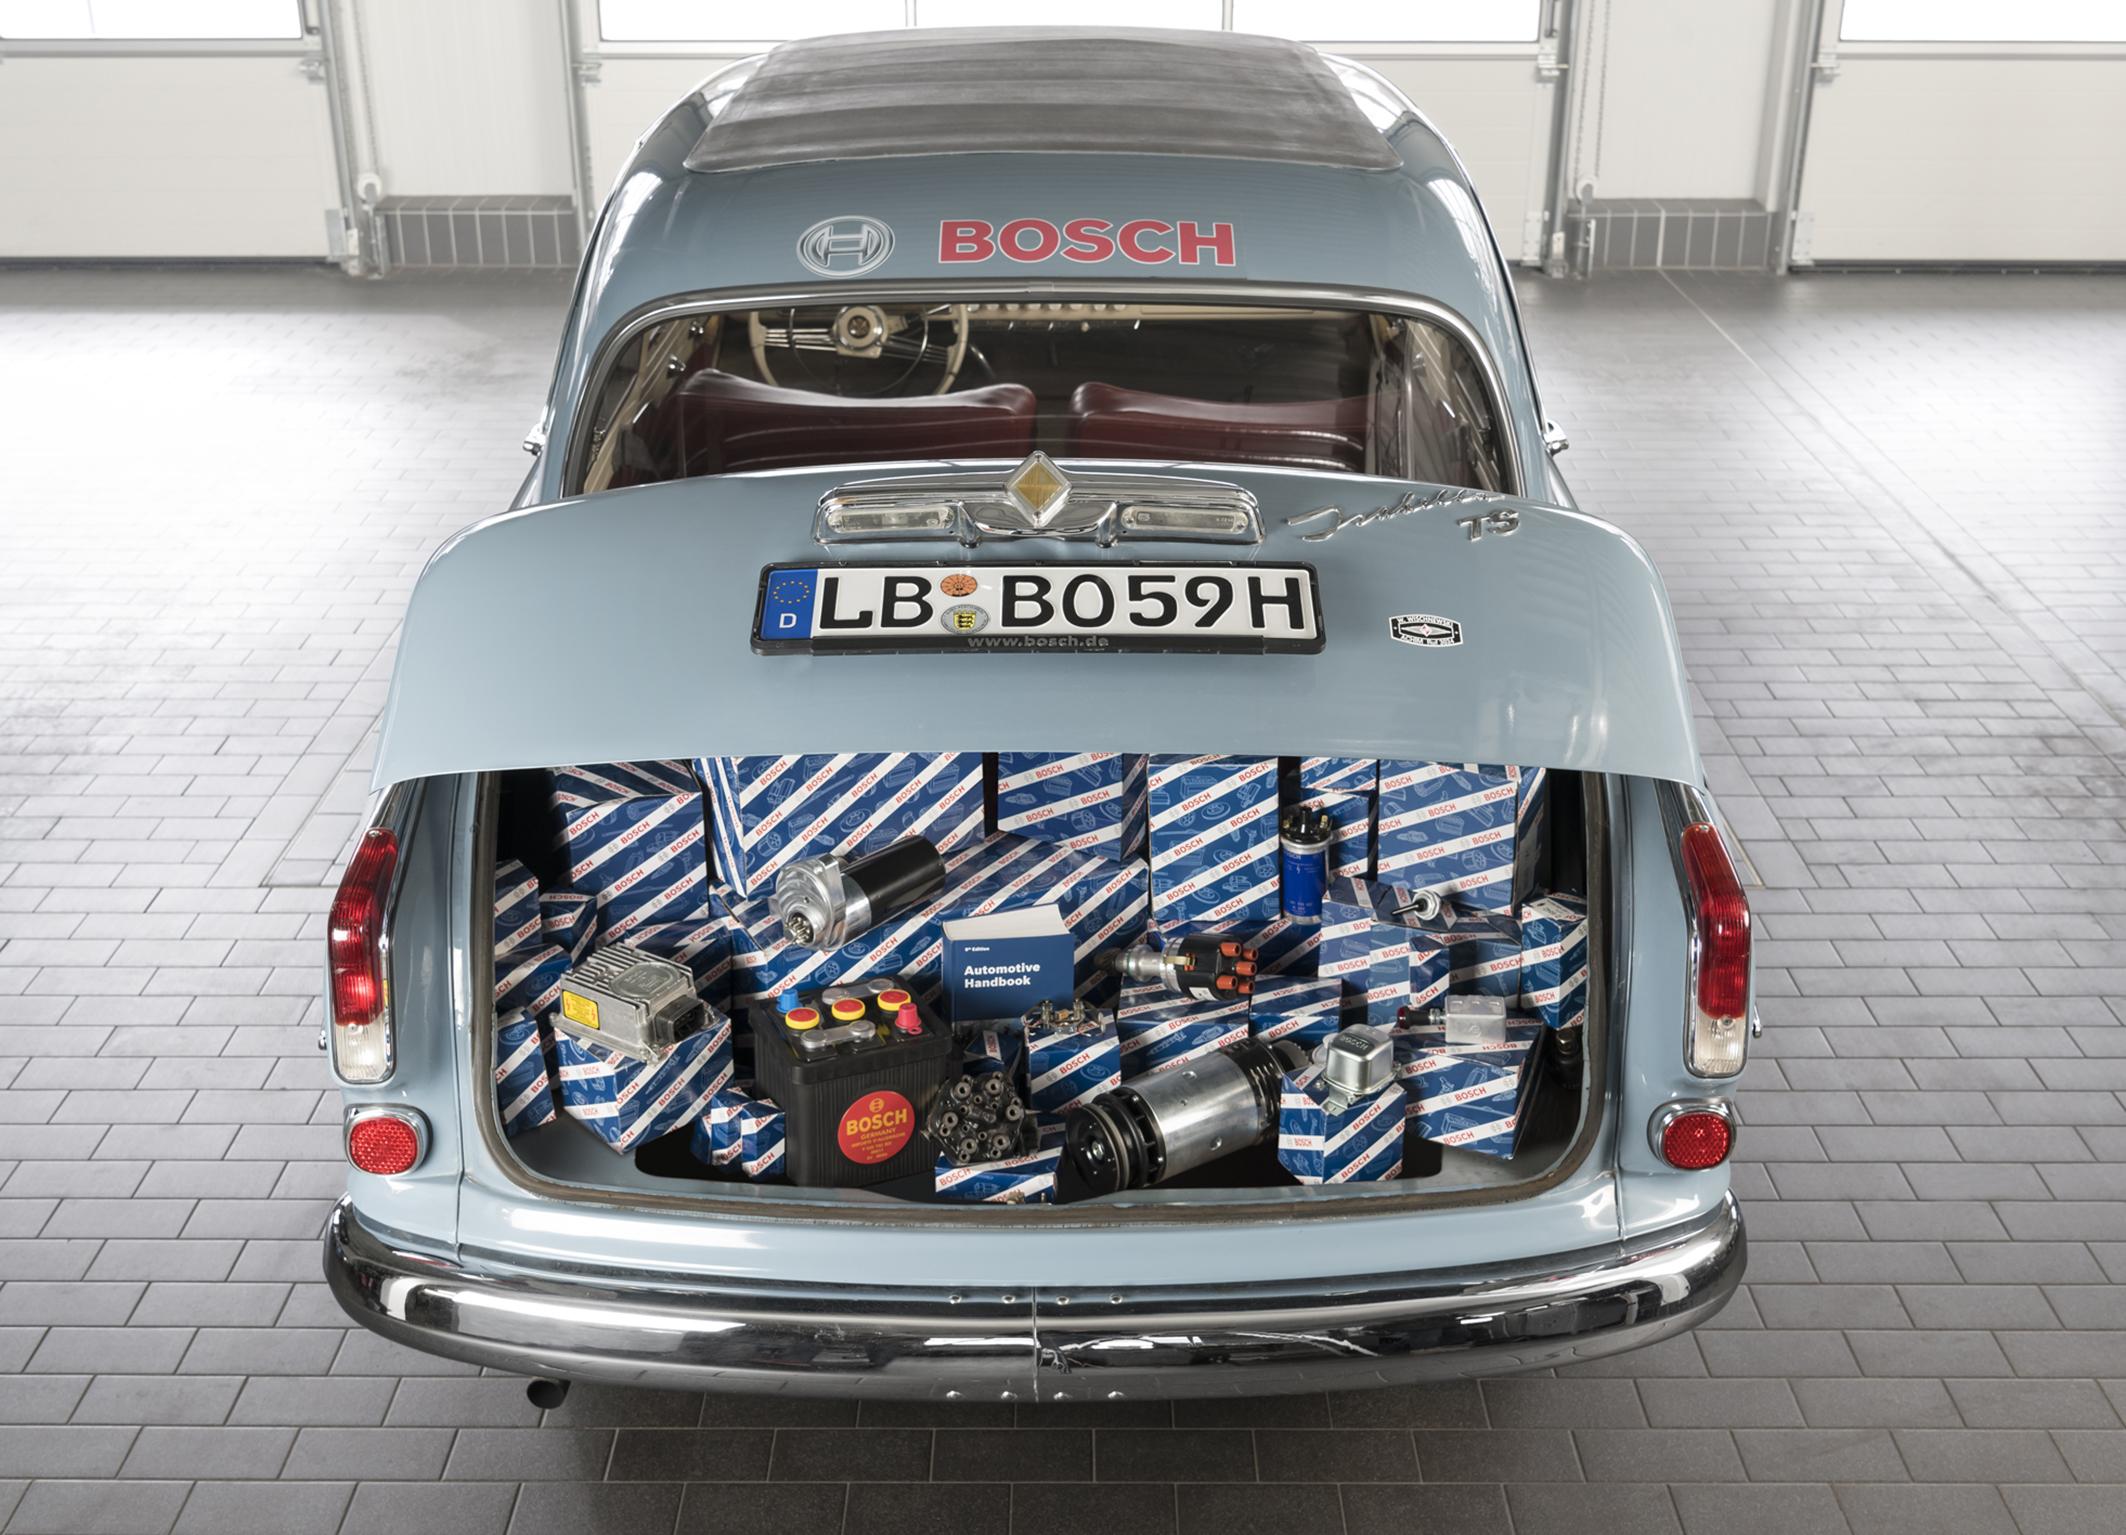 Bosch Classic sichert nachhaltig die Ersatzteilversorgung für Young- und Oldtimer